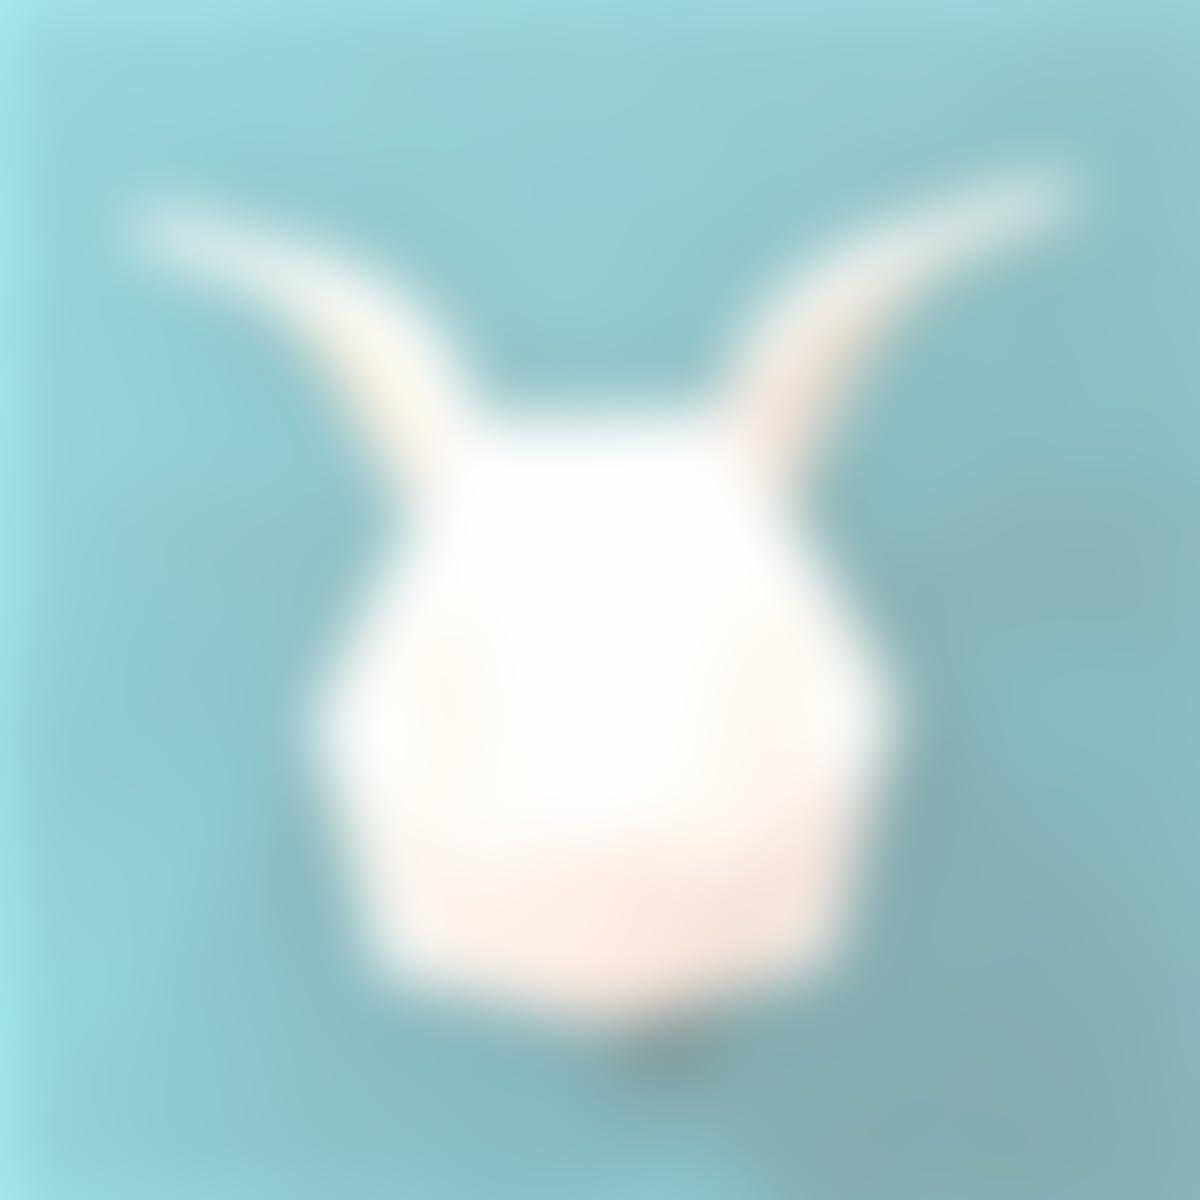 Cabeza decorativa personalizable de Conejo en estilo origami con imanes integrados y gancho, colores personalizados, con diseño exclusivo - liebre: ...